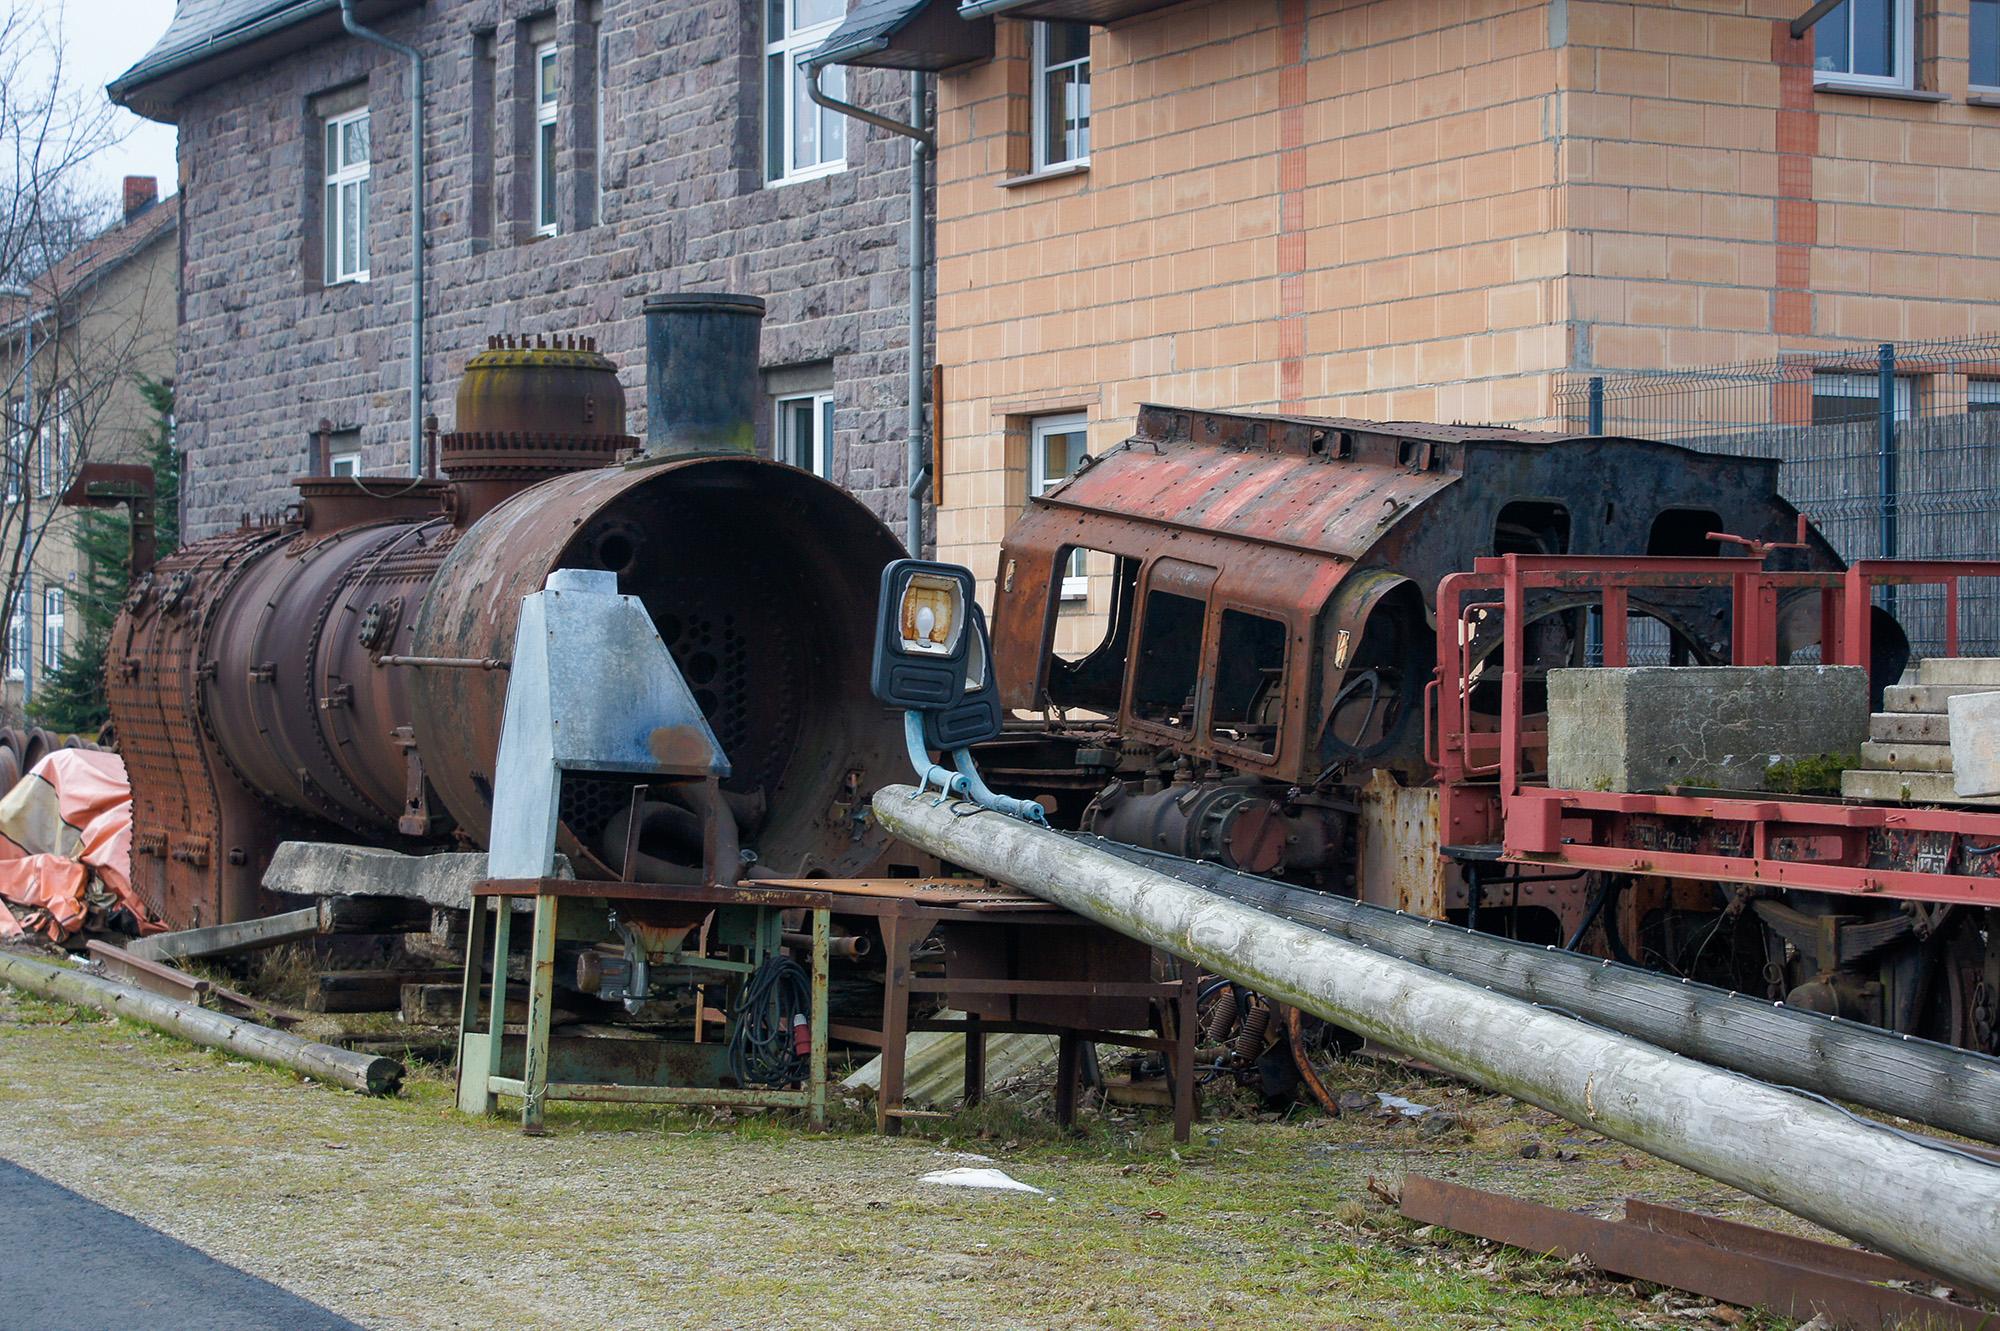 http://www.lokbahnhof-sonneberg.de/002/94_1184_01.jpg